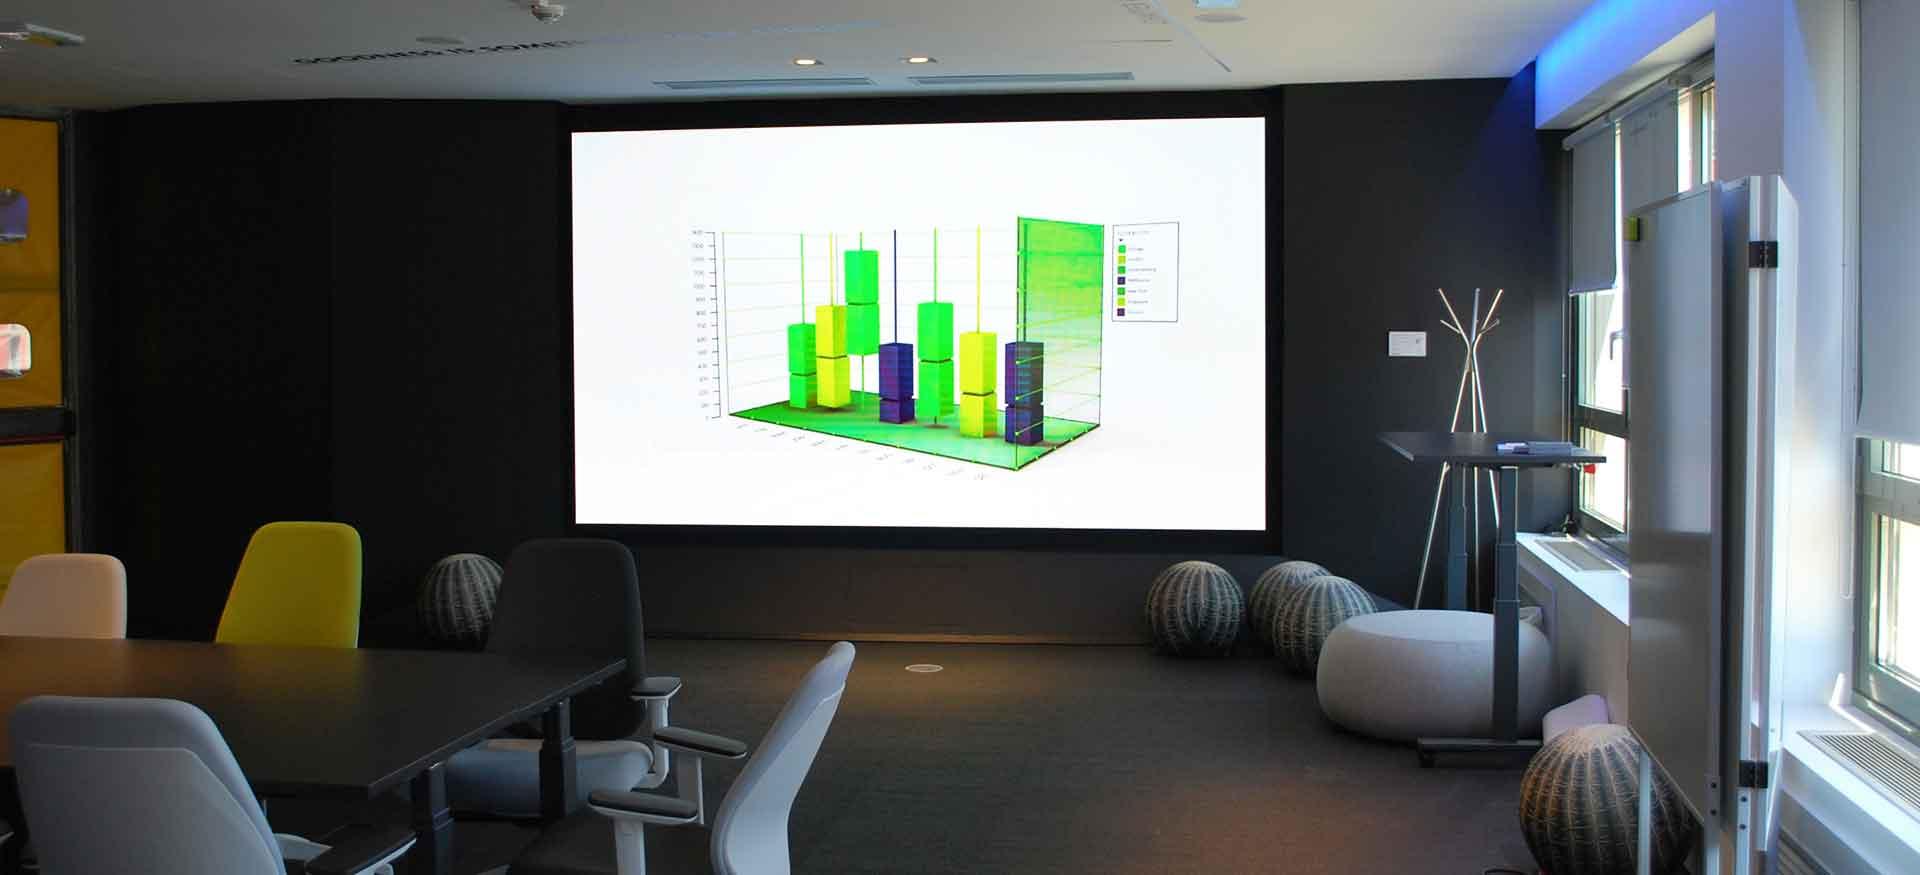 mobilis_indoor_ledscreen